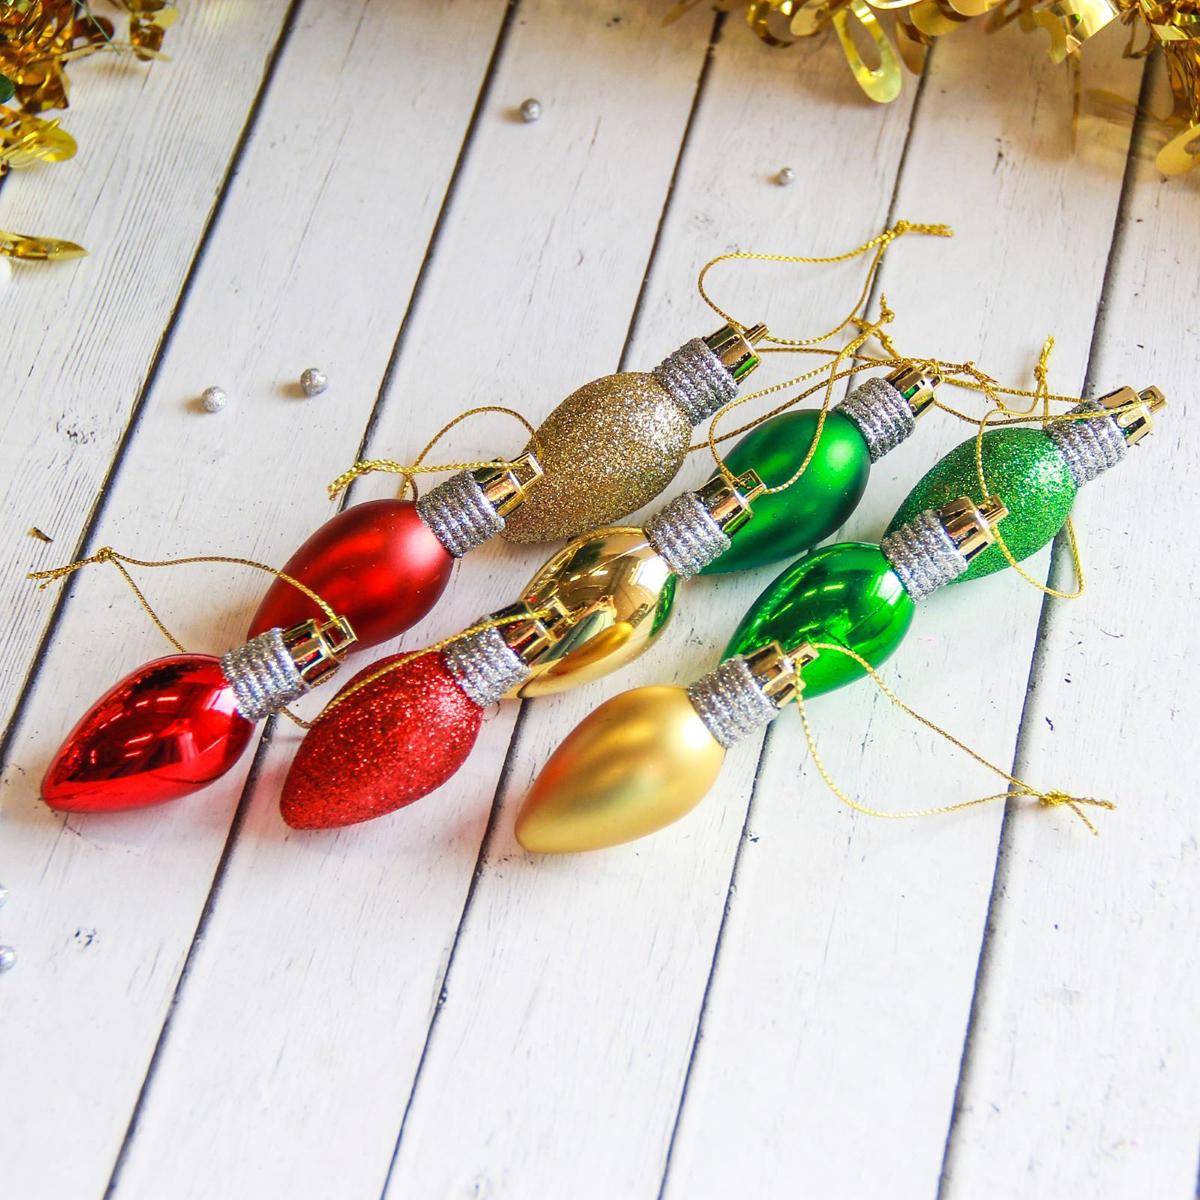 Набор новогодних подвесных украшений Лампочки, 5 х 2,5 см, 10 шт2122485Набор новогодних подвесных украшений отлично подойдет для декорации вашего дома и новогодней ели. С помощью специальной петельки украшение можно повесить в любом понравившемся вам месте. Но, конечно, удачнее всего оно будет смотреться на праздничной елке.Елочная игрушка - символ Нового года. Она несет в себе волшебство и красоту праздника. Такое украшение создаст в вашем доме атмосферу праздника, веселья и радости.